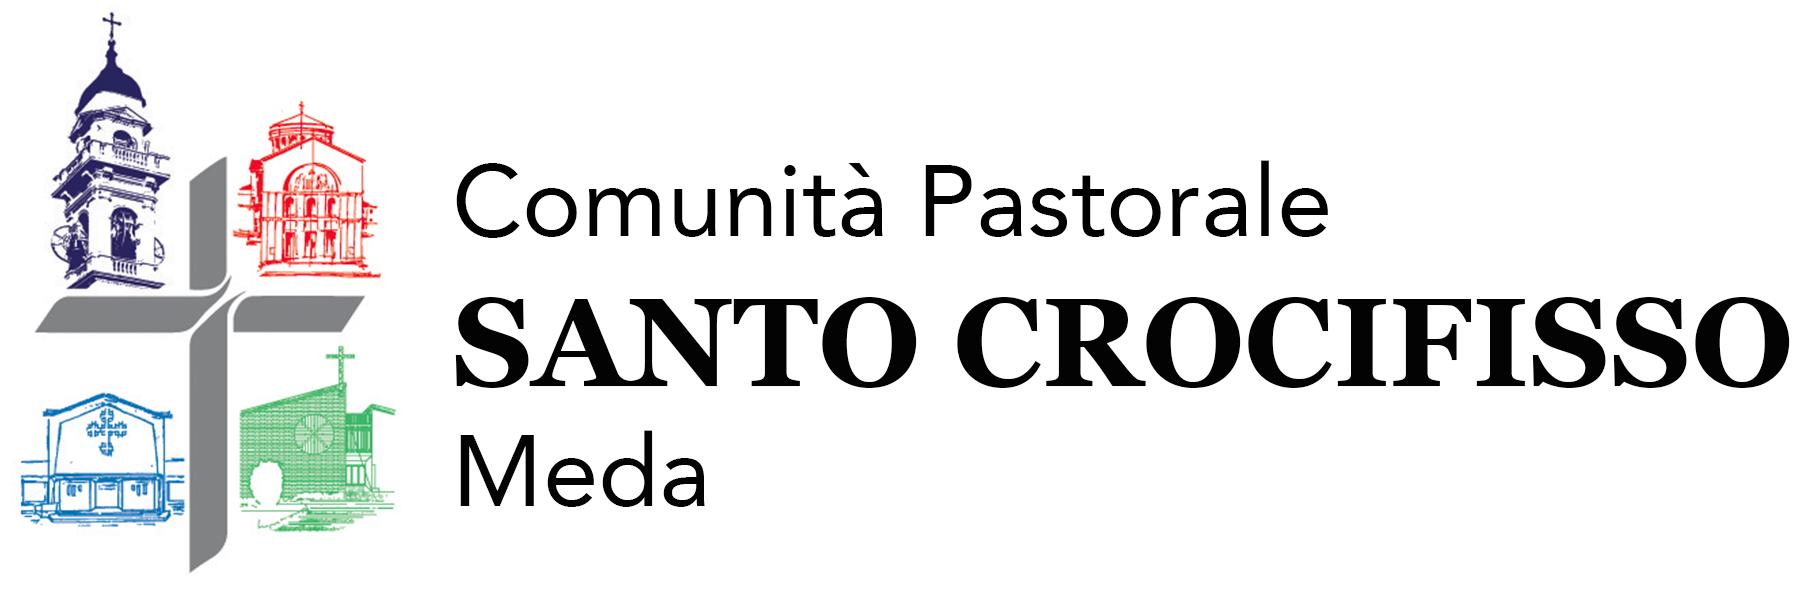 Comunità Pastorale S. Crocifisso